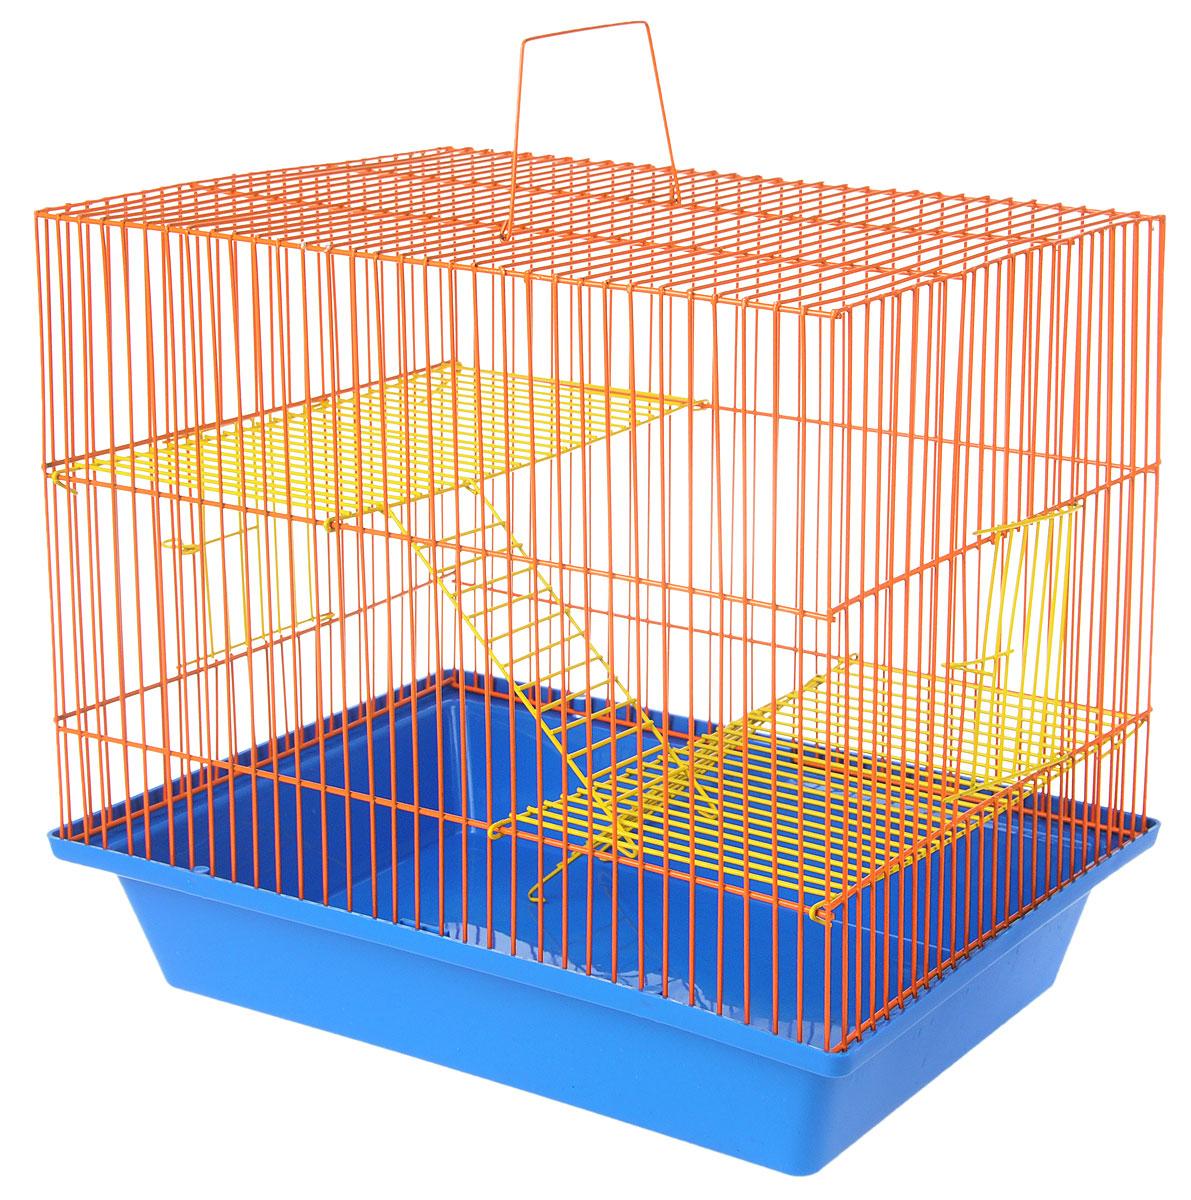 Клетка для грызунов ЗооМарк Гризли, 3-этажная, цвет: синий поддон, оранжевая решетка, желтые этажи, 41 х 30 х 36 см. 230ж230ж_синий, оранжевыйКлетка ЗооМарк Гризли, выполненная из полипропилена и металла, подходит для мелких грызунов. Изделие трехэтажное. Клетка имеет яркий поддон, удобна в использовании и легко чистится. Сверху имеется ручка для переноски. Такая клетка станет уединенным личным пространством и уютным домиком для маленького грызуна.